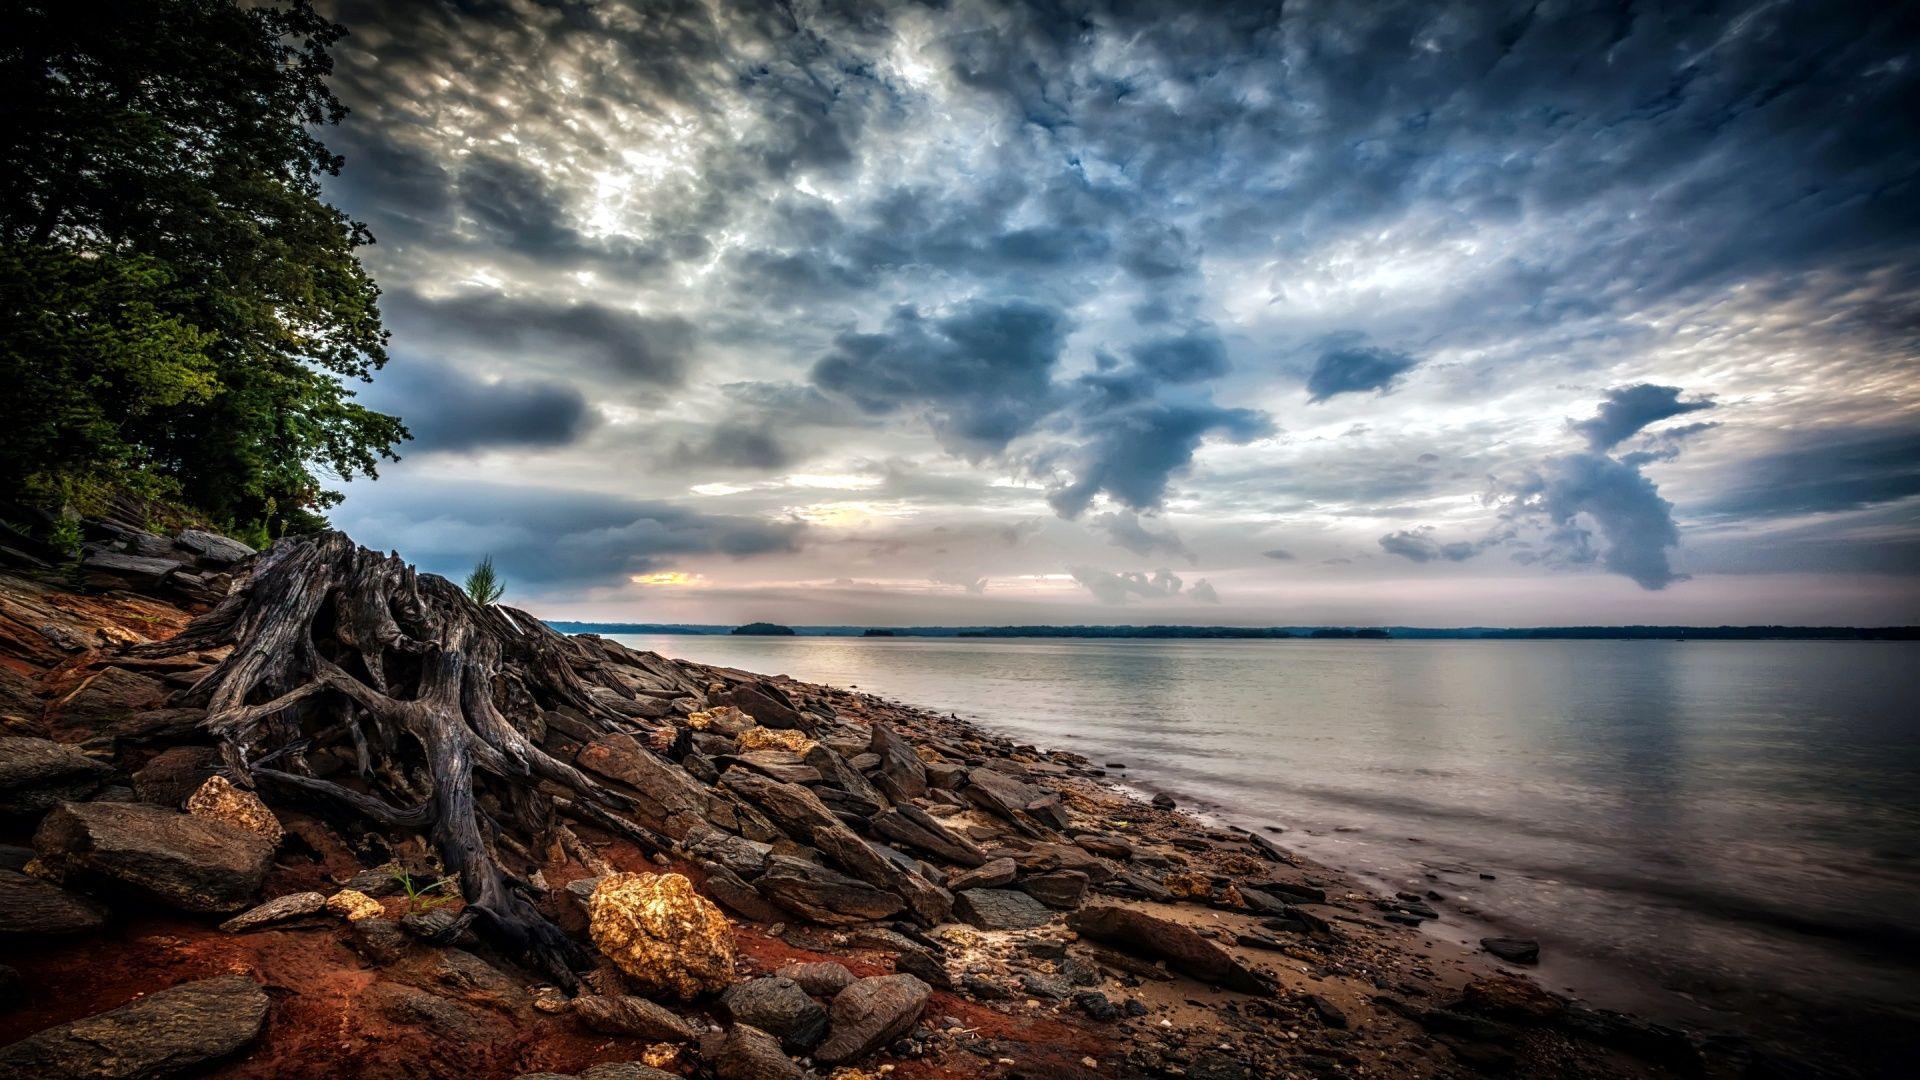 Coastal Waters HD Desktop Background wallpaper free ...